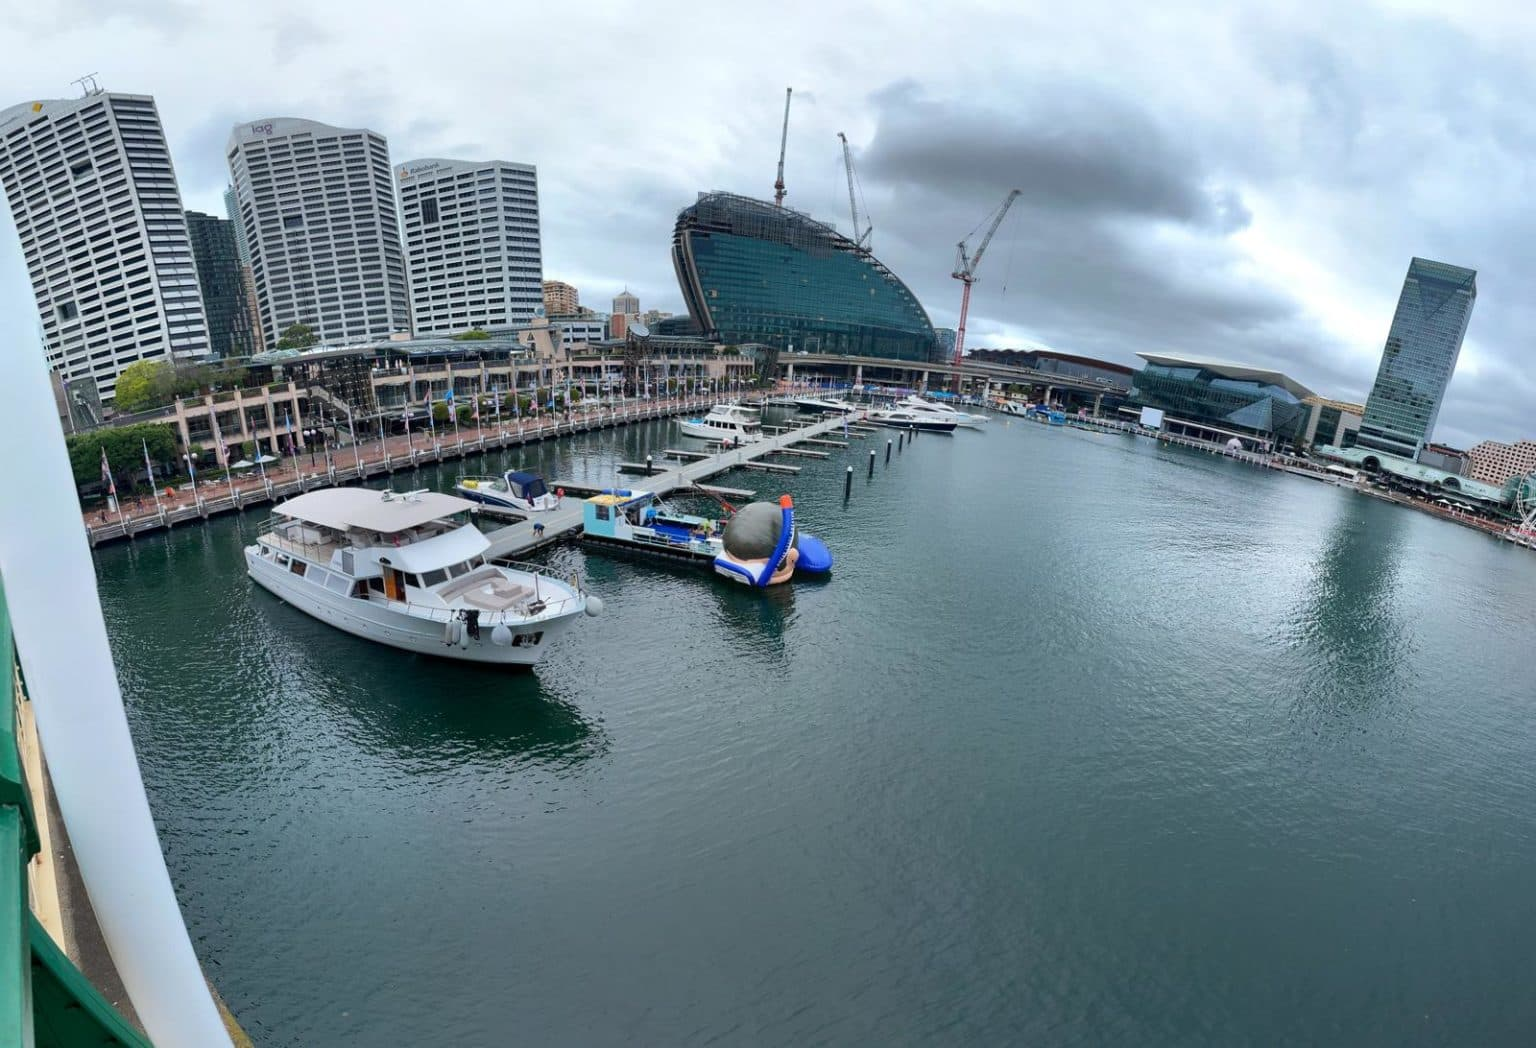 Giant Cairns snorkeller arrives in Sydney